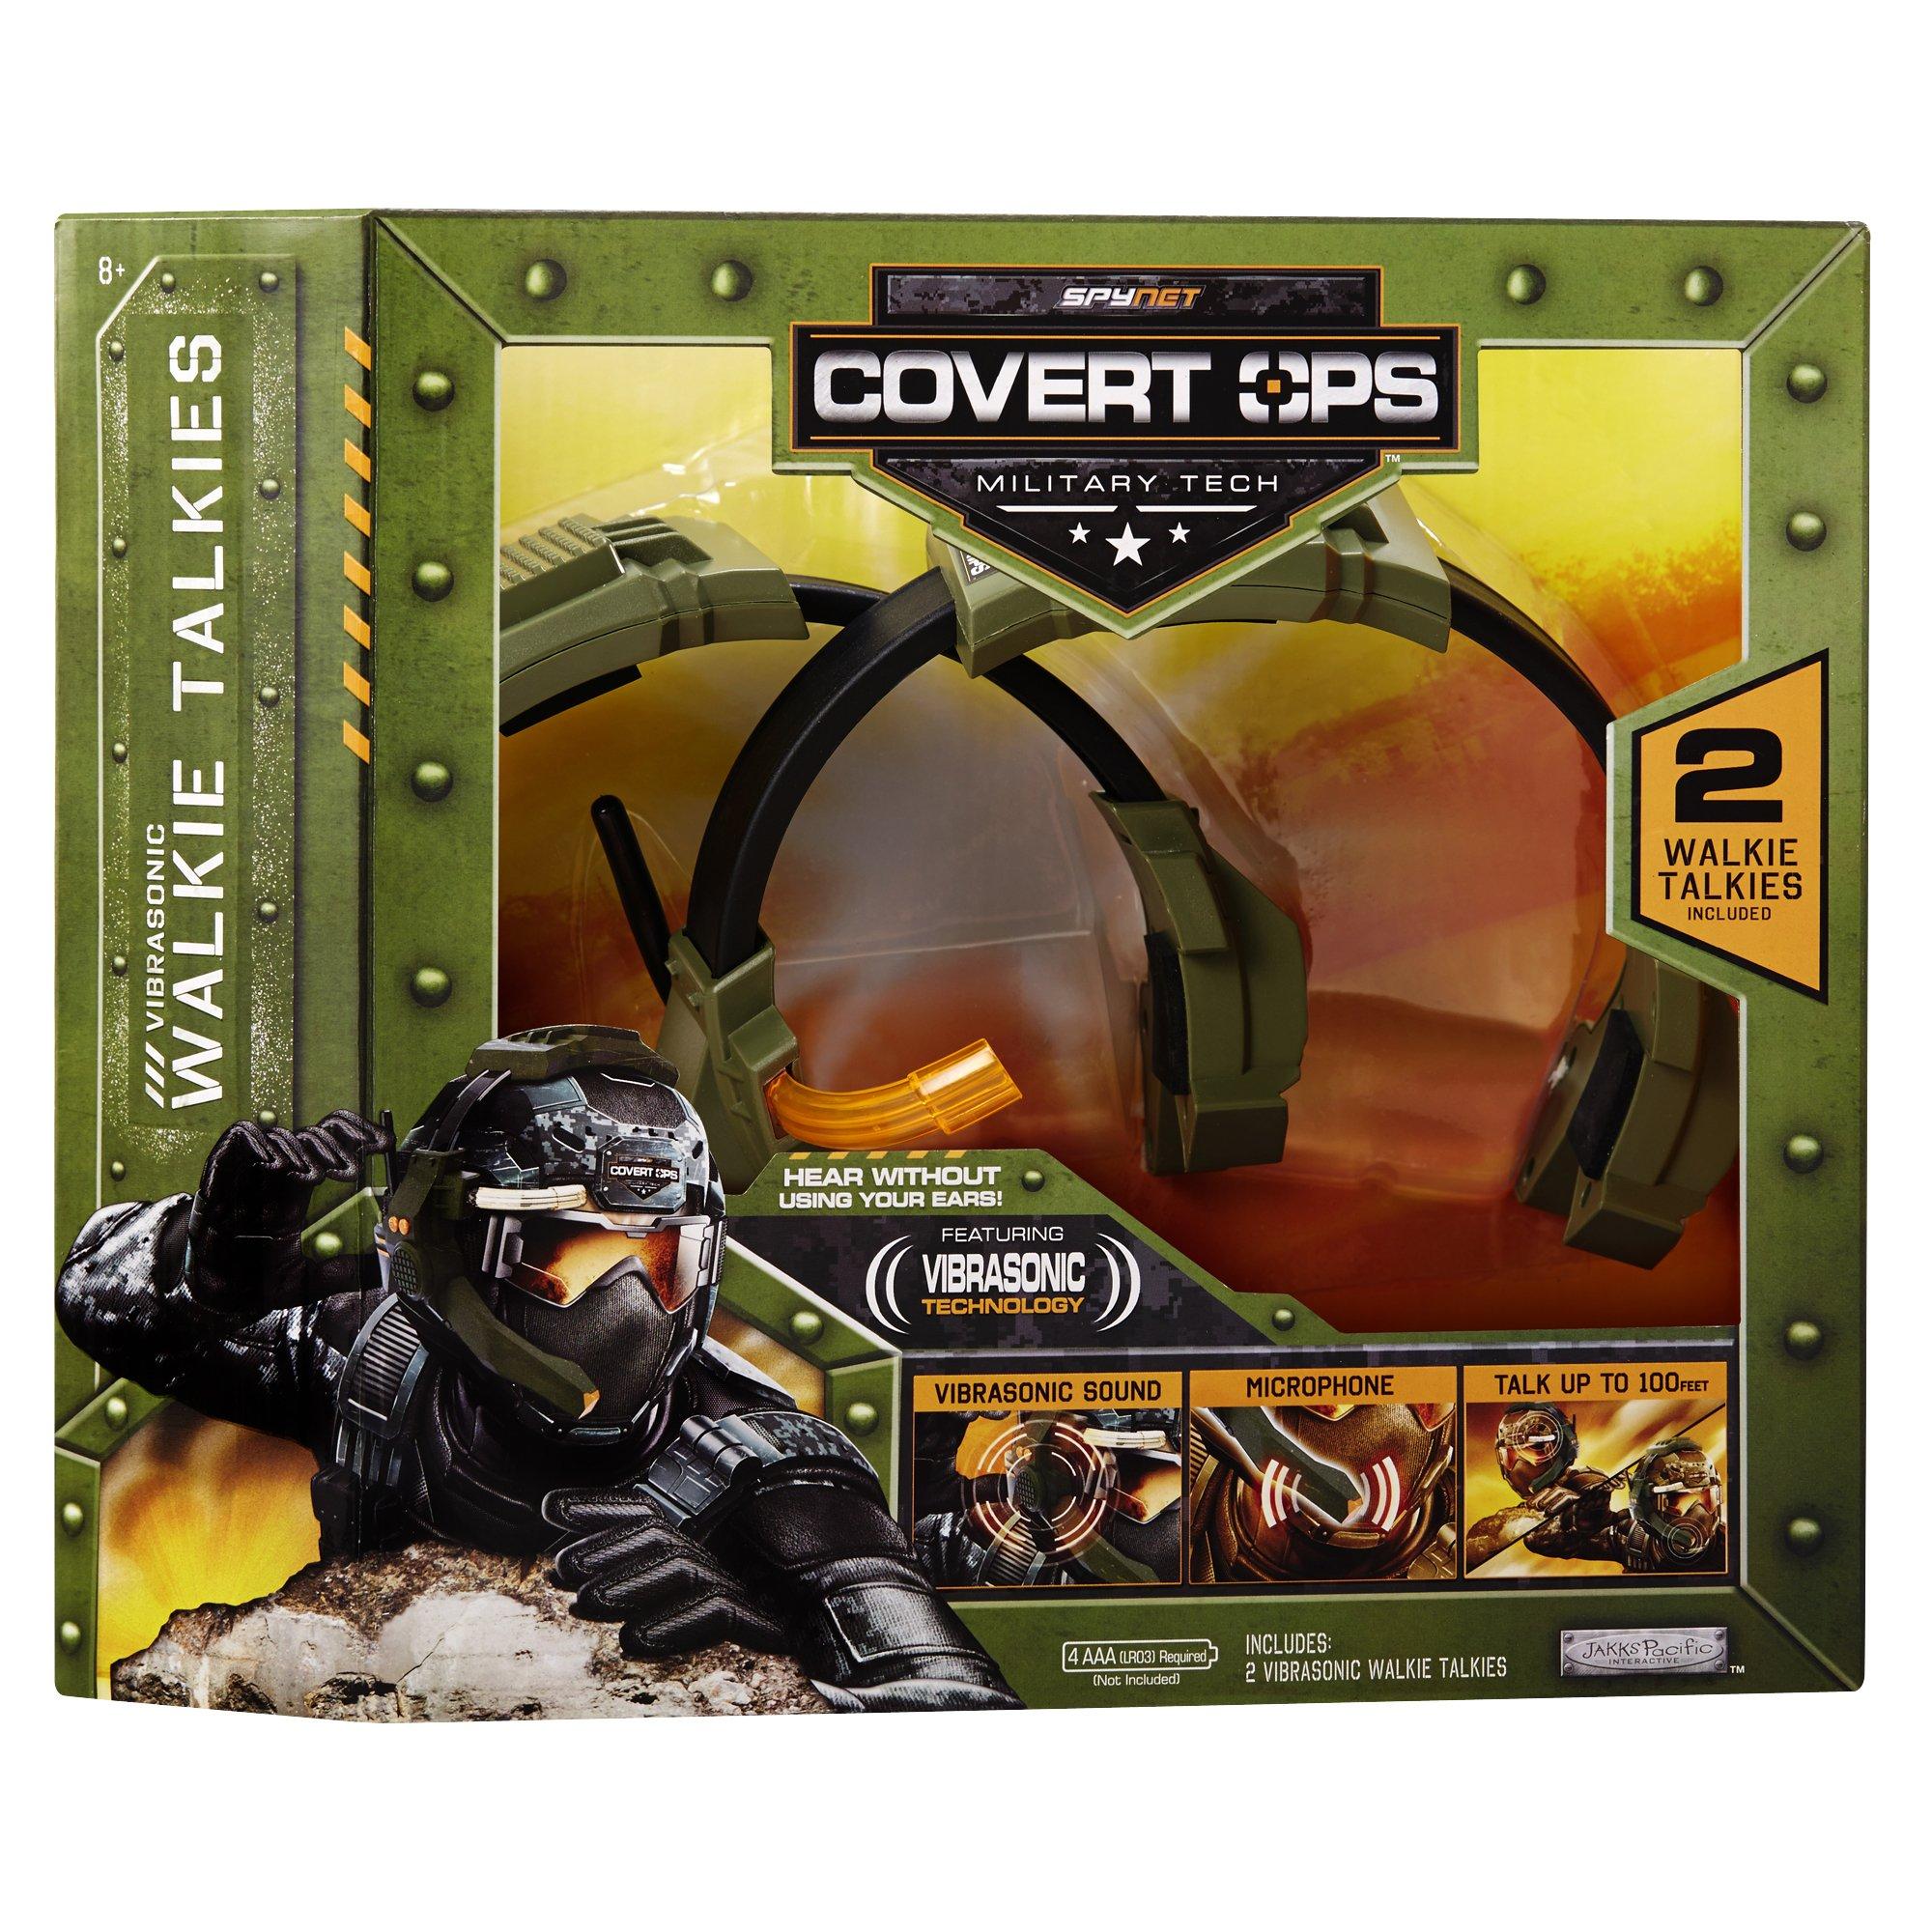 SpyNet Covert Ops Vibrasonic Walkie Talkie, Green by SpyNet (Image #3)